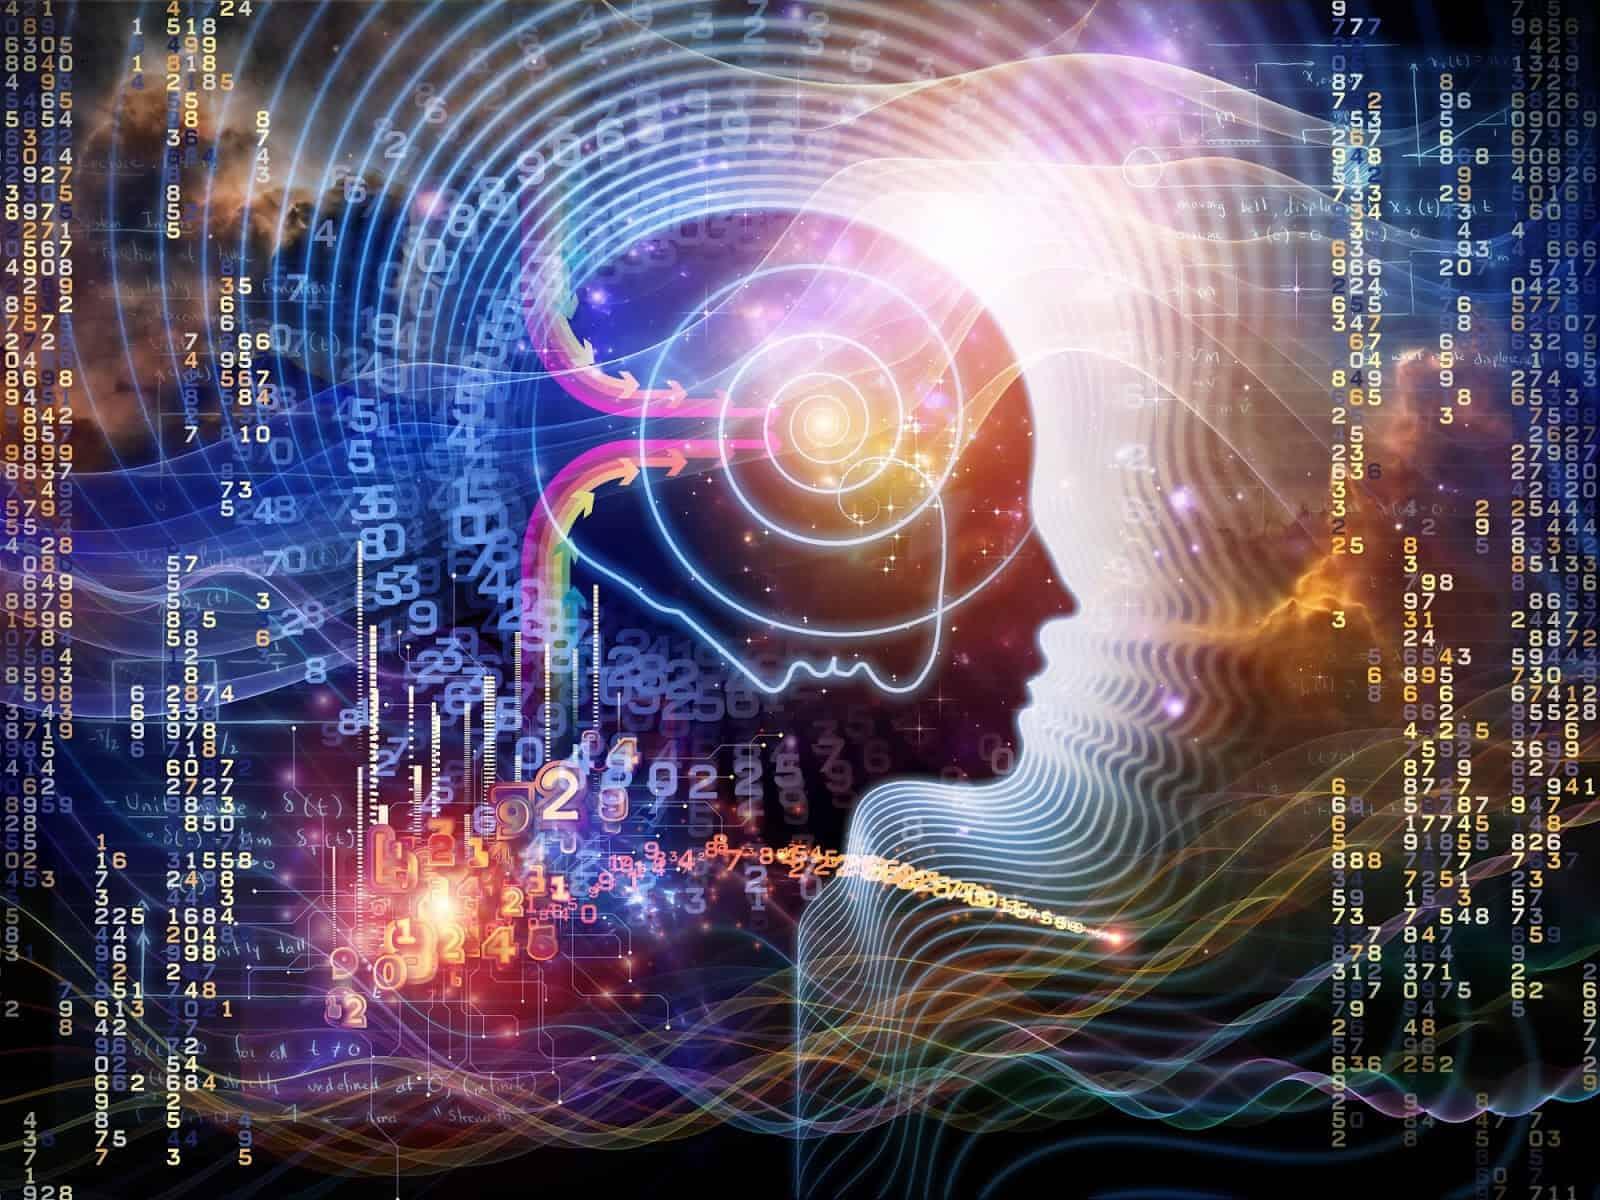 poder de la mente subconsciente obtén prosperidad utilizando el poder de la mente subconsciente ID154725 - hermandadblanca.org